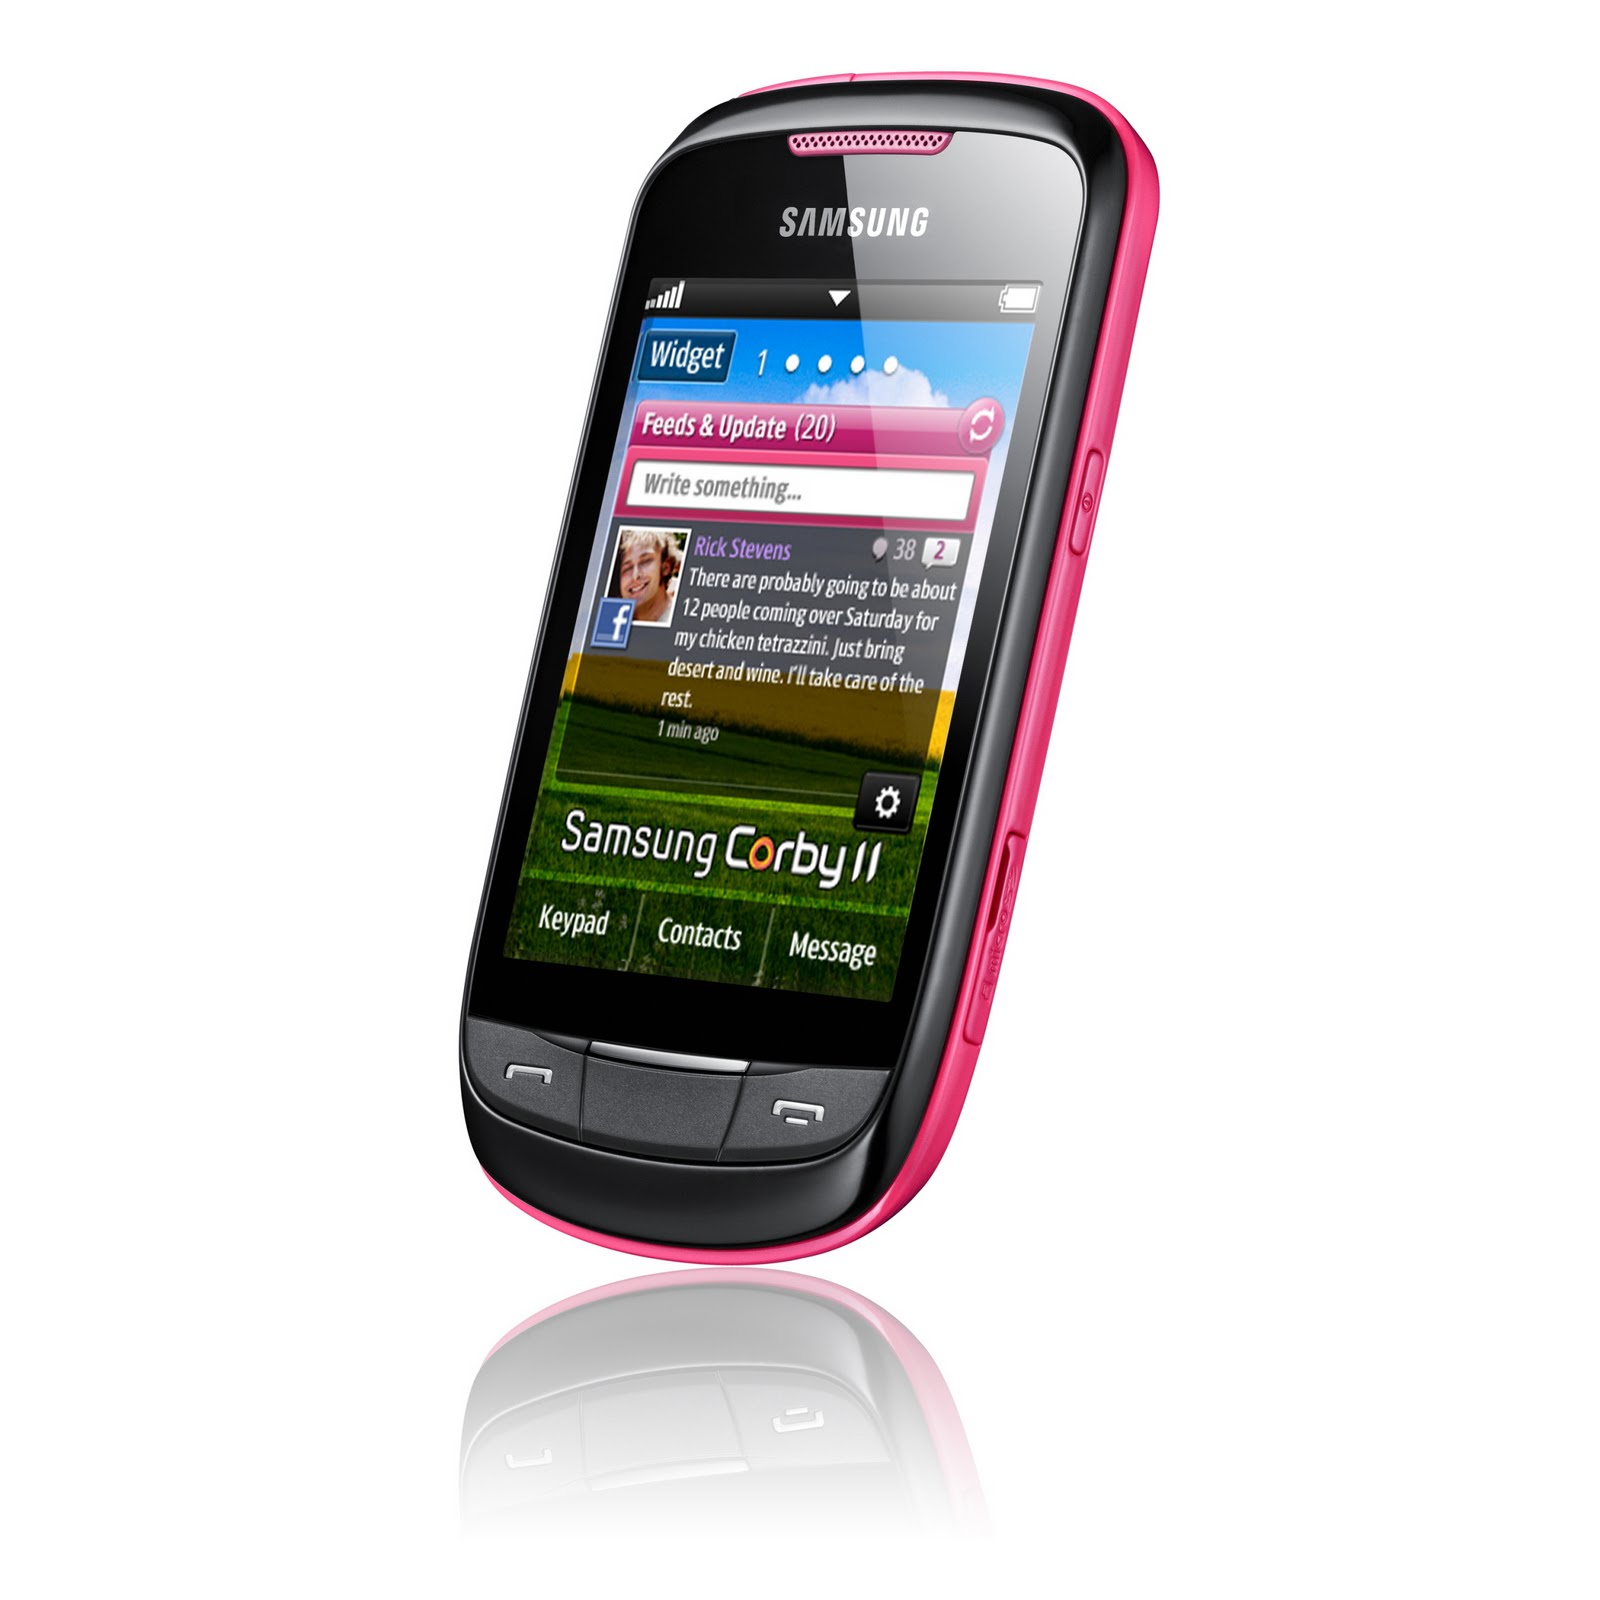 Кодаки Для Телефона Самсунг S5570